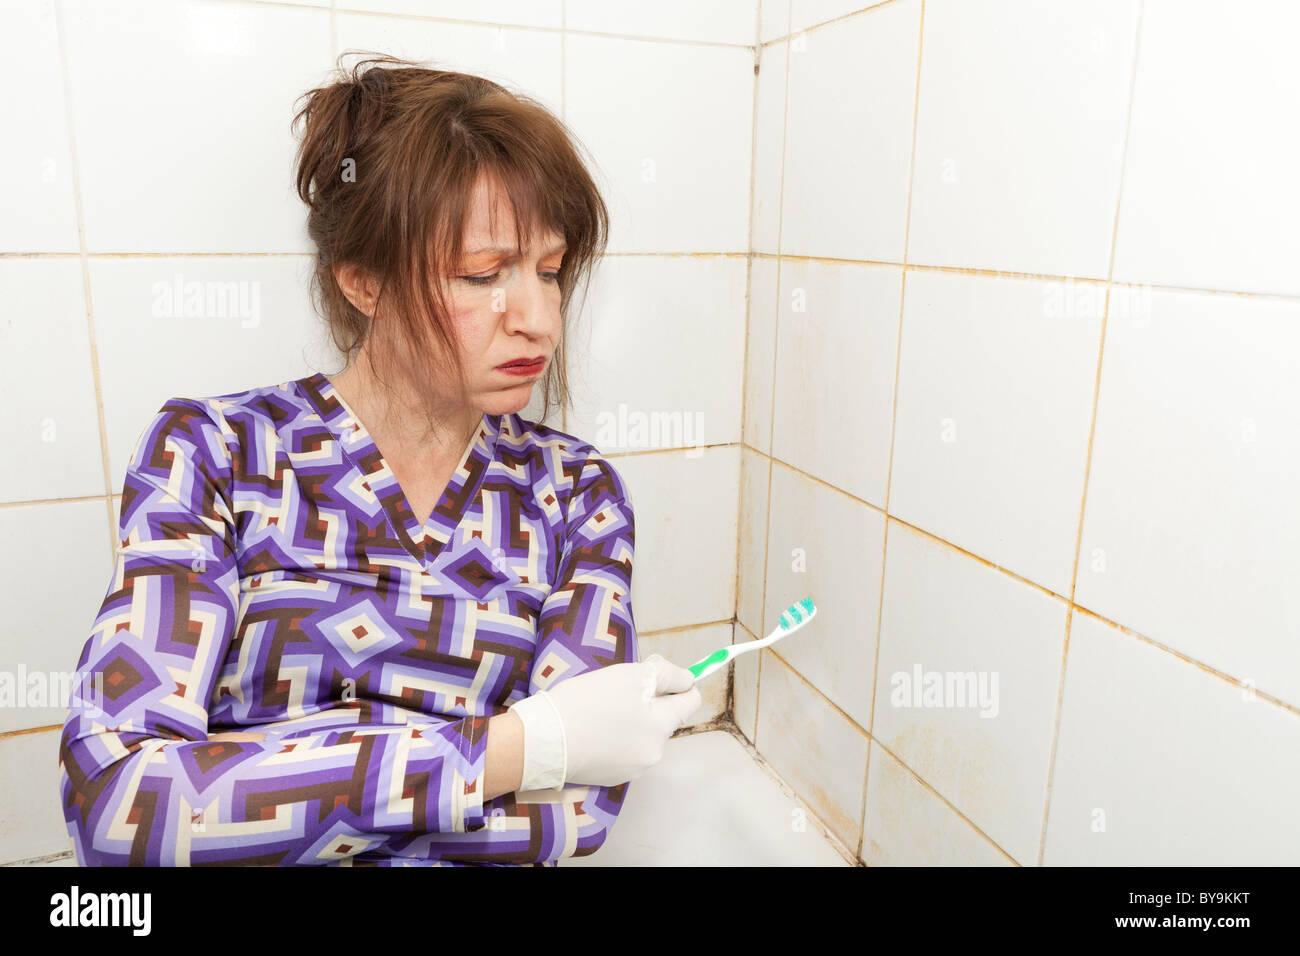 Piastrelle del bagno immagini piastrelle del bagno fotos stock